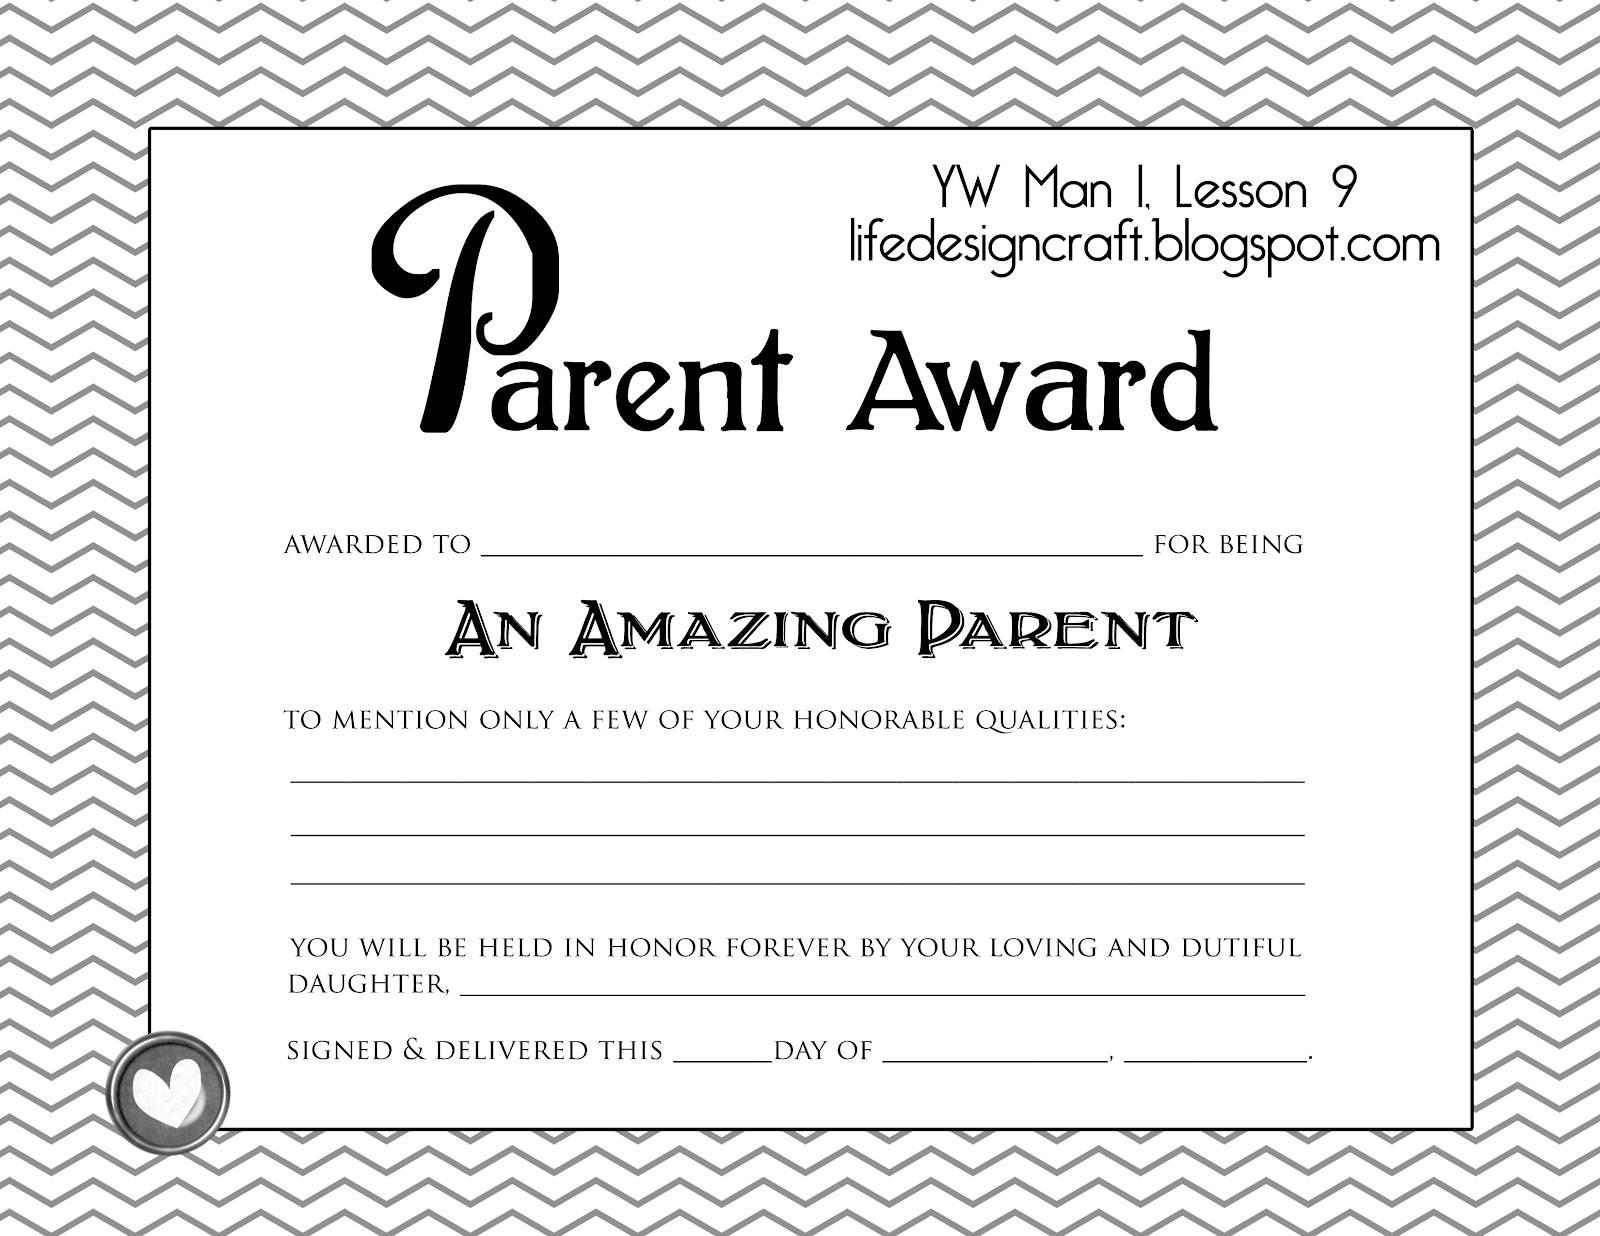 parent volunteer certificate templates